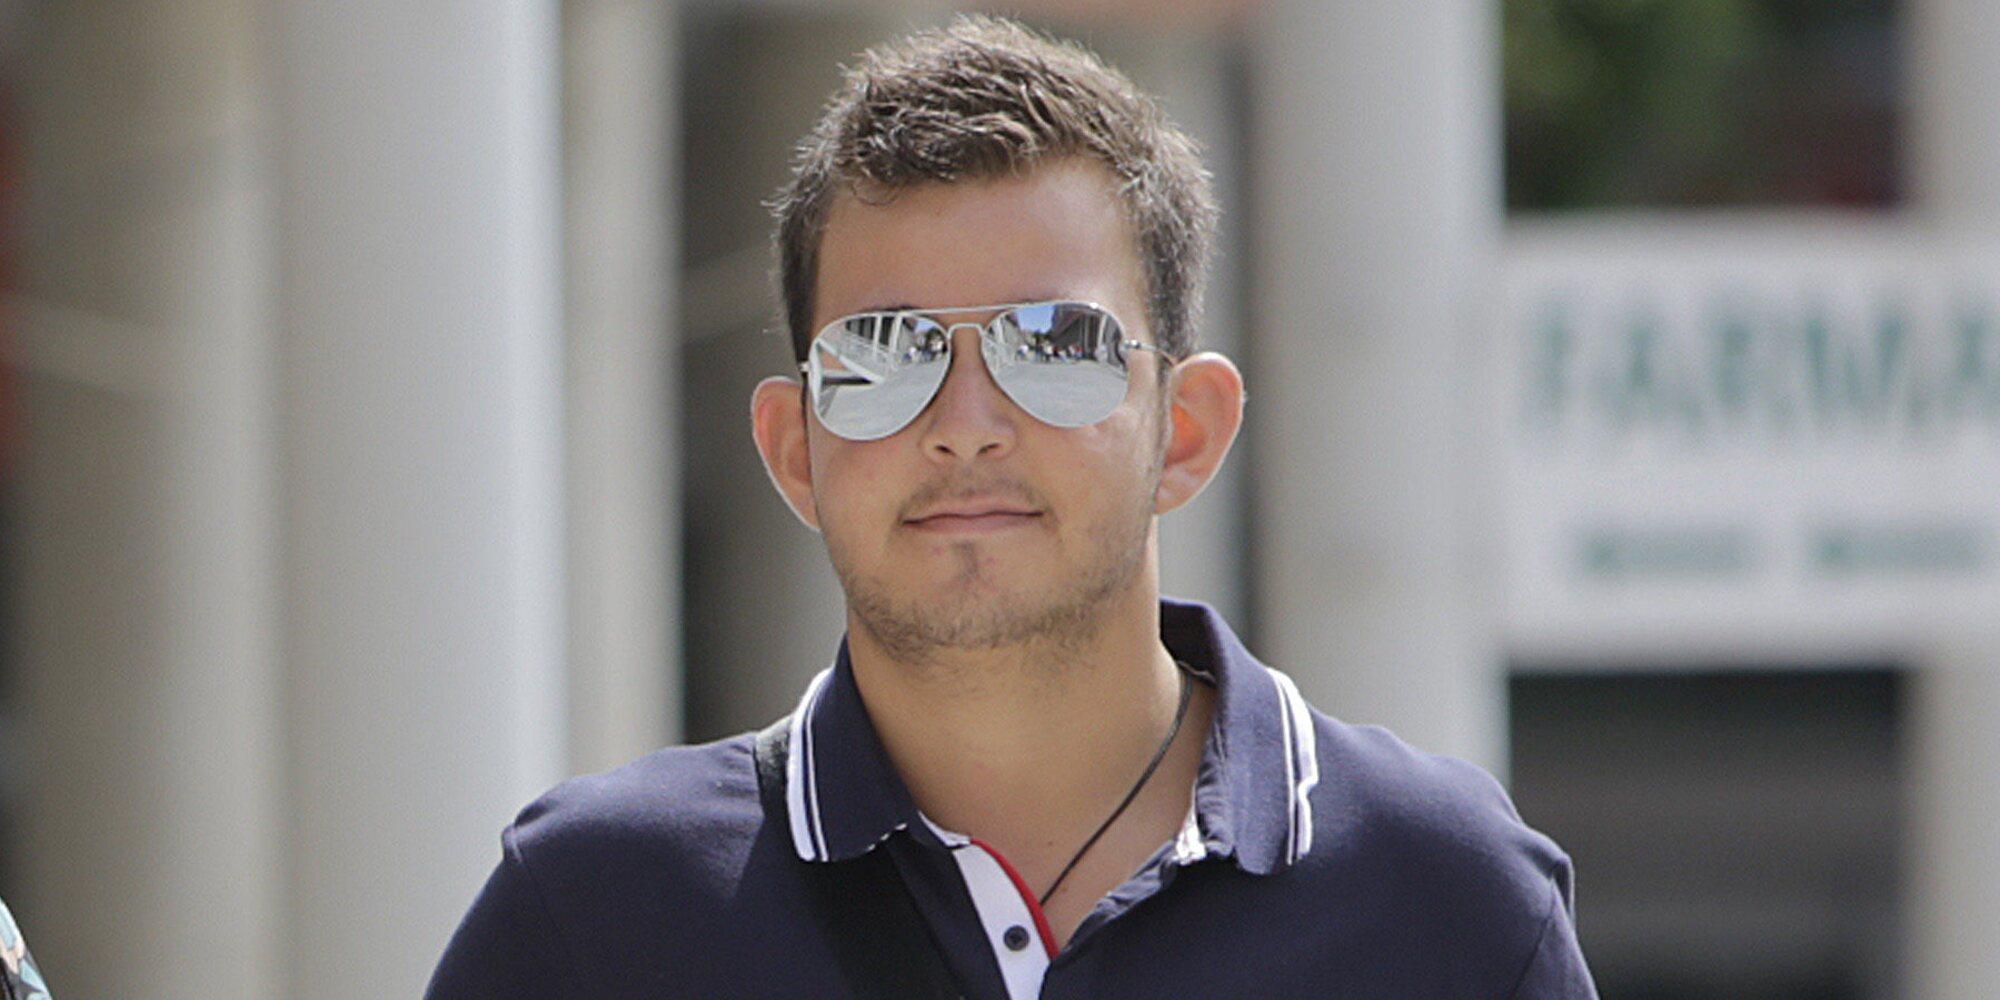 La condición de David Flores para no seguir adelante con la demanda contra Rocío Carrasco